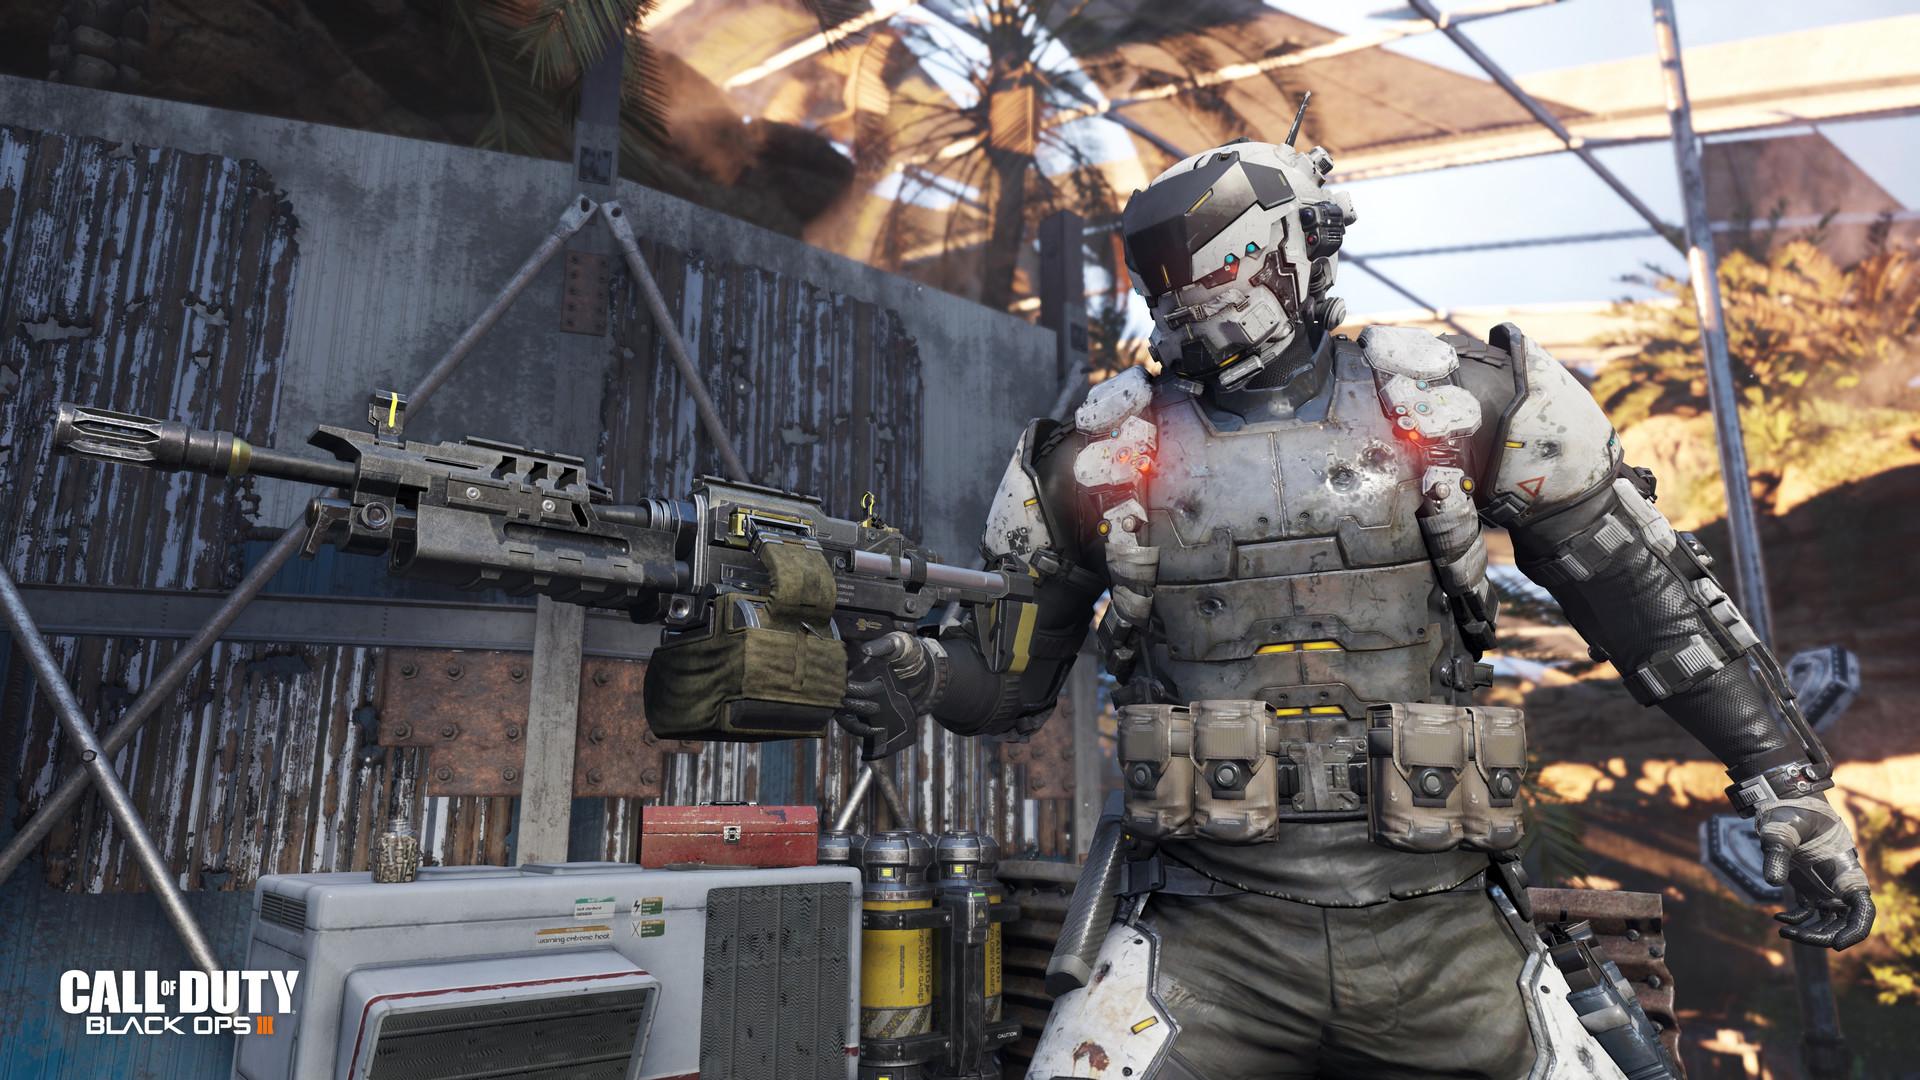 Call of Duty: Black Ops III image 3